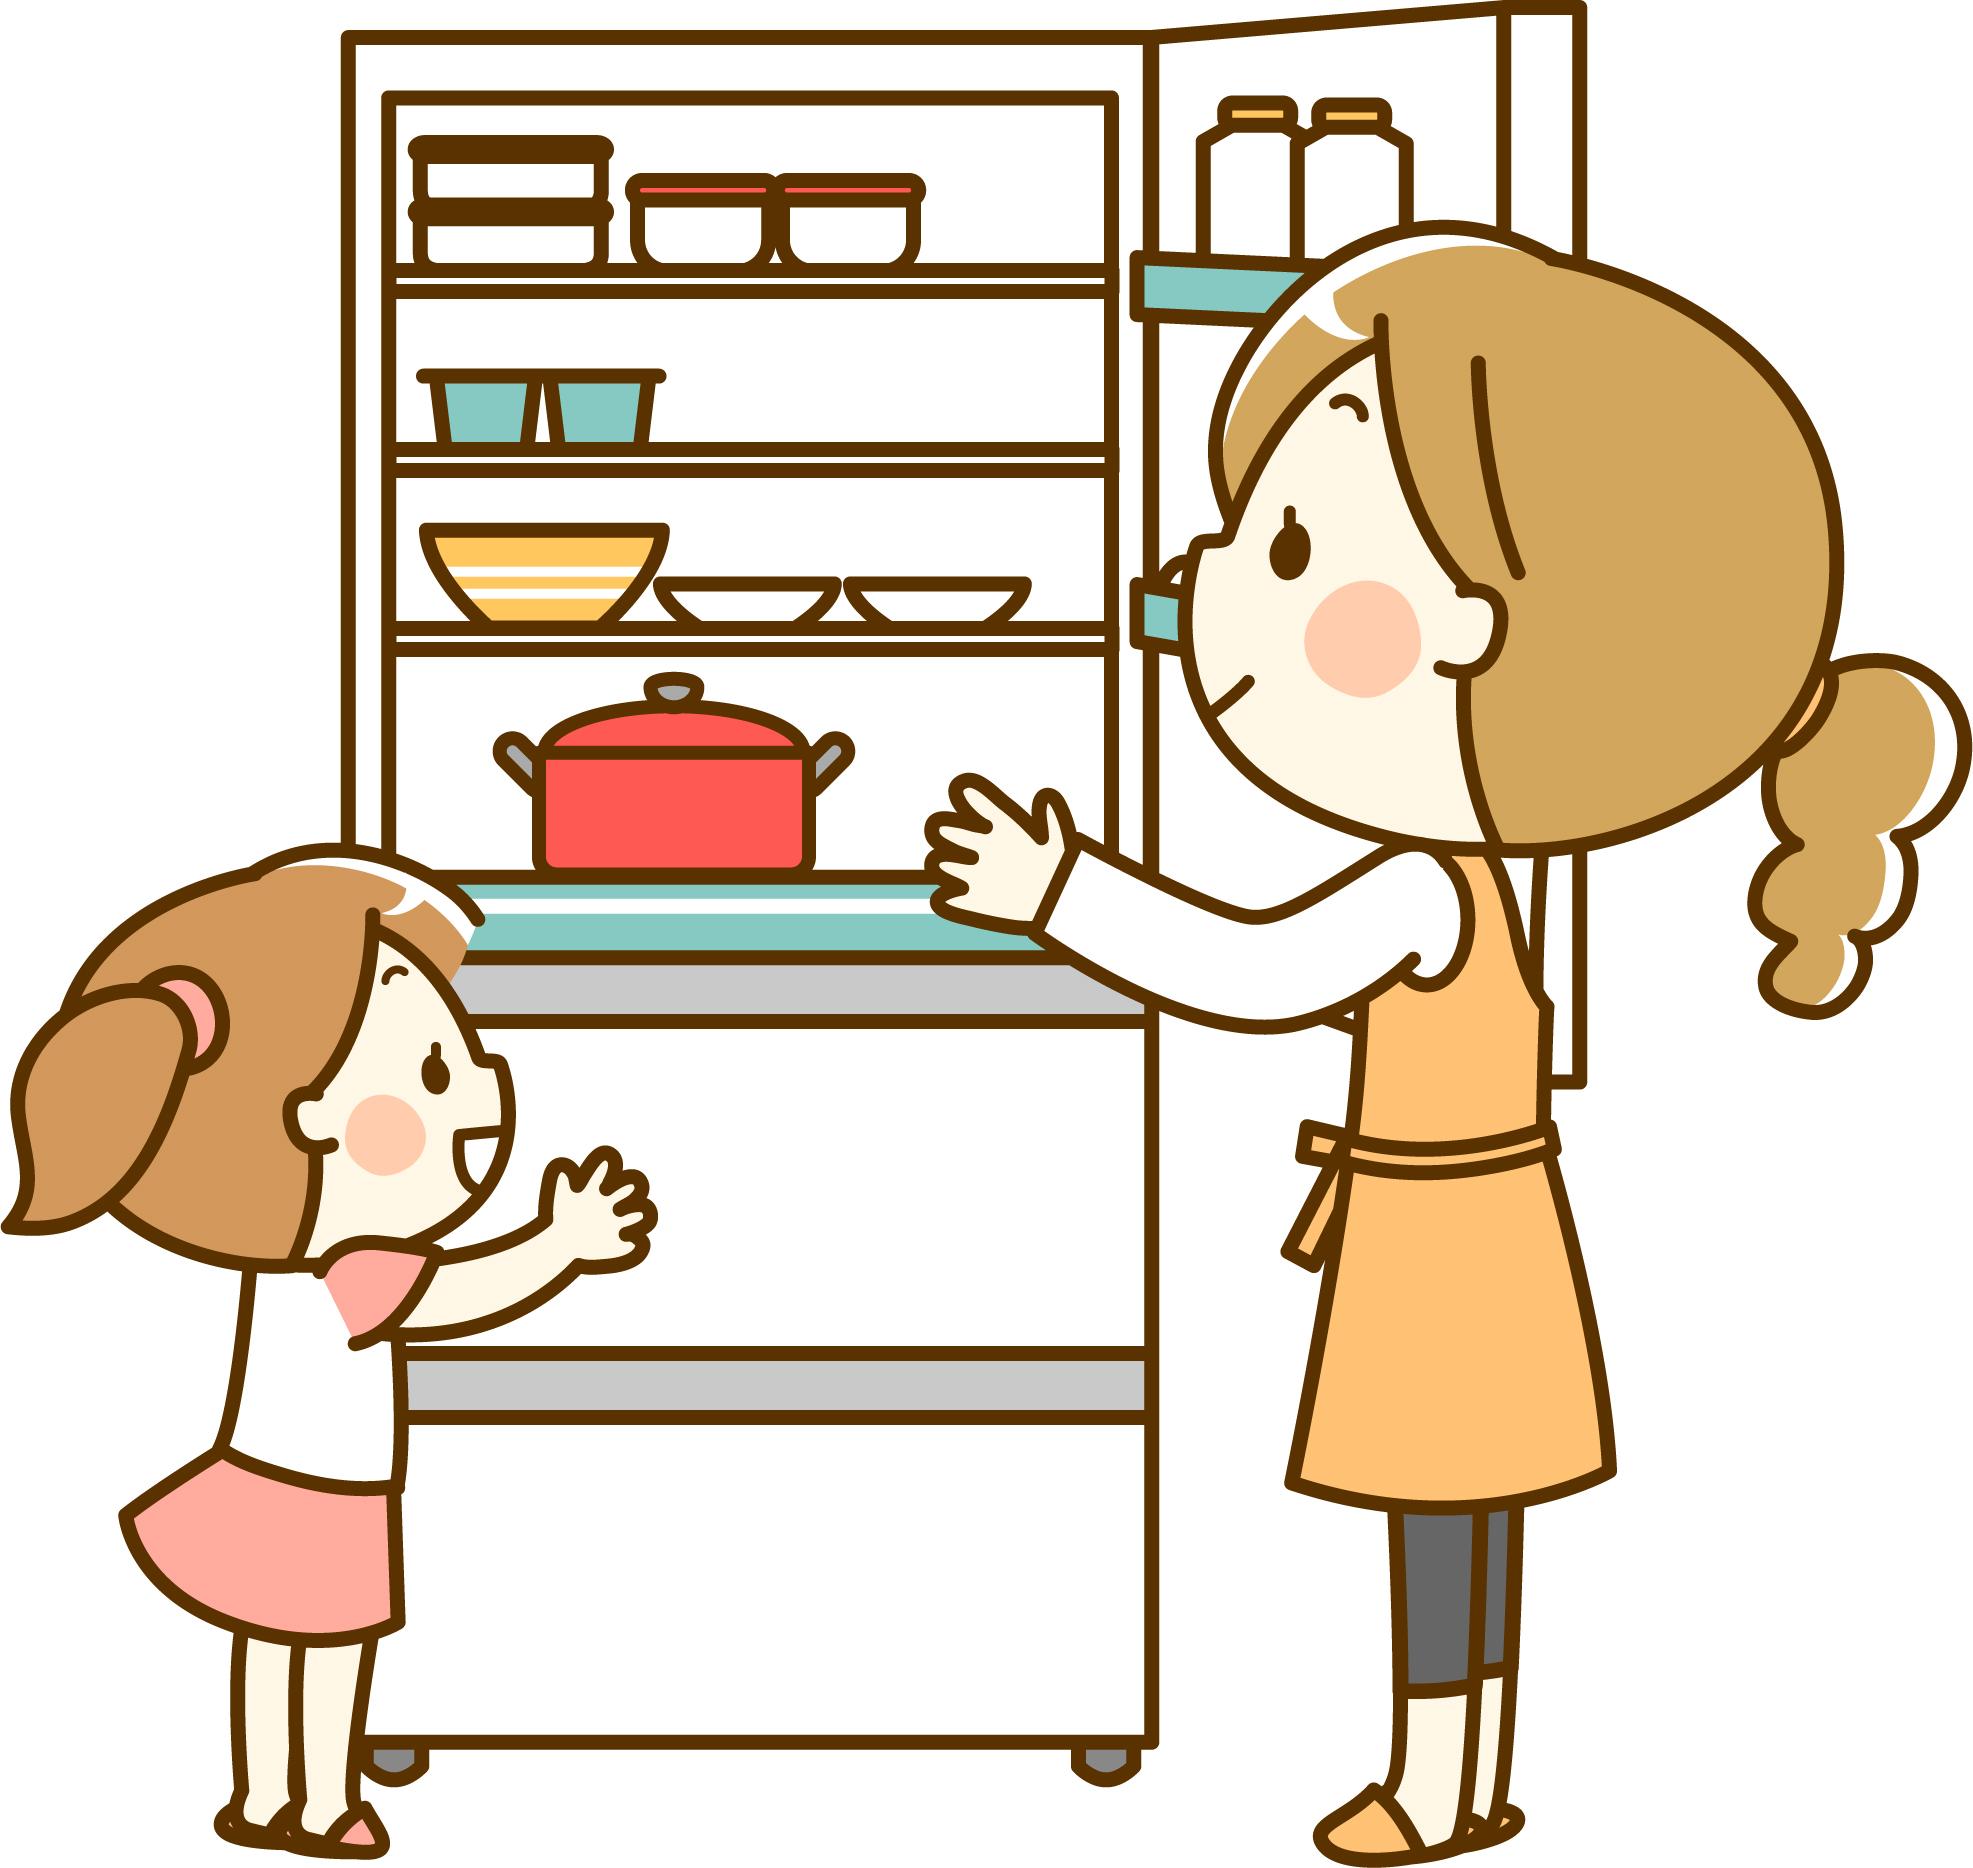 旦那からの宣戦布告?残り1センチの麦茶を冷蔵庫に戻す夫|ママさん達のブログ拝見